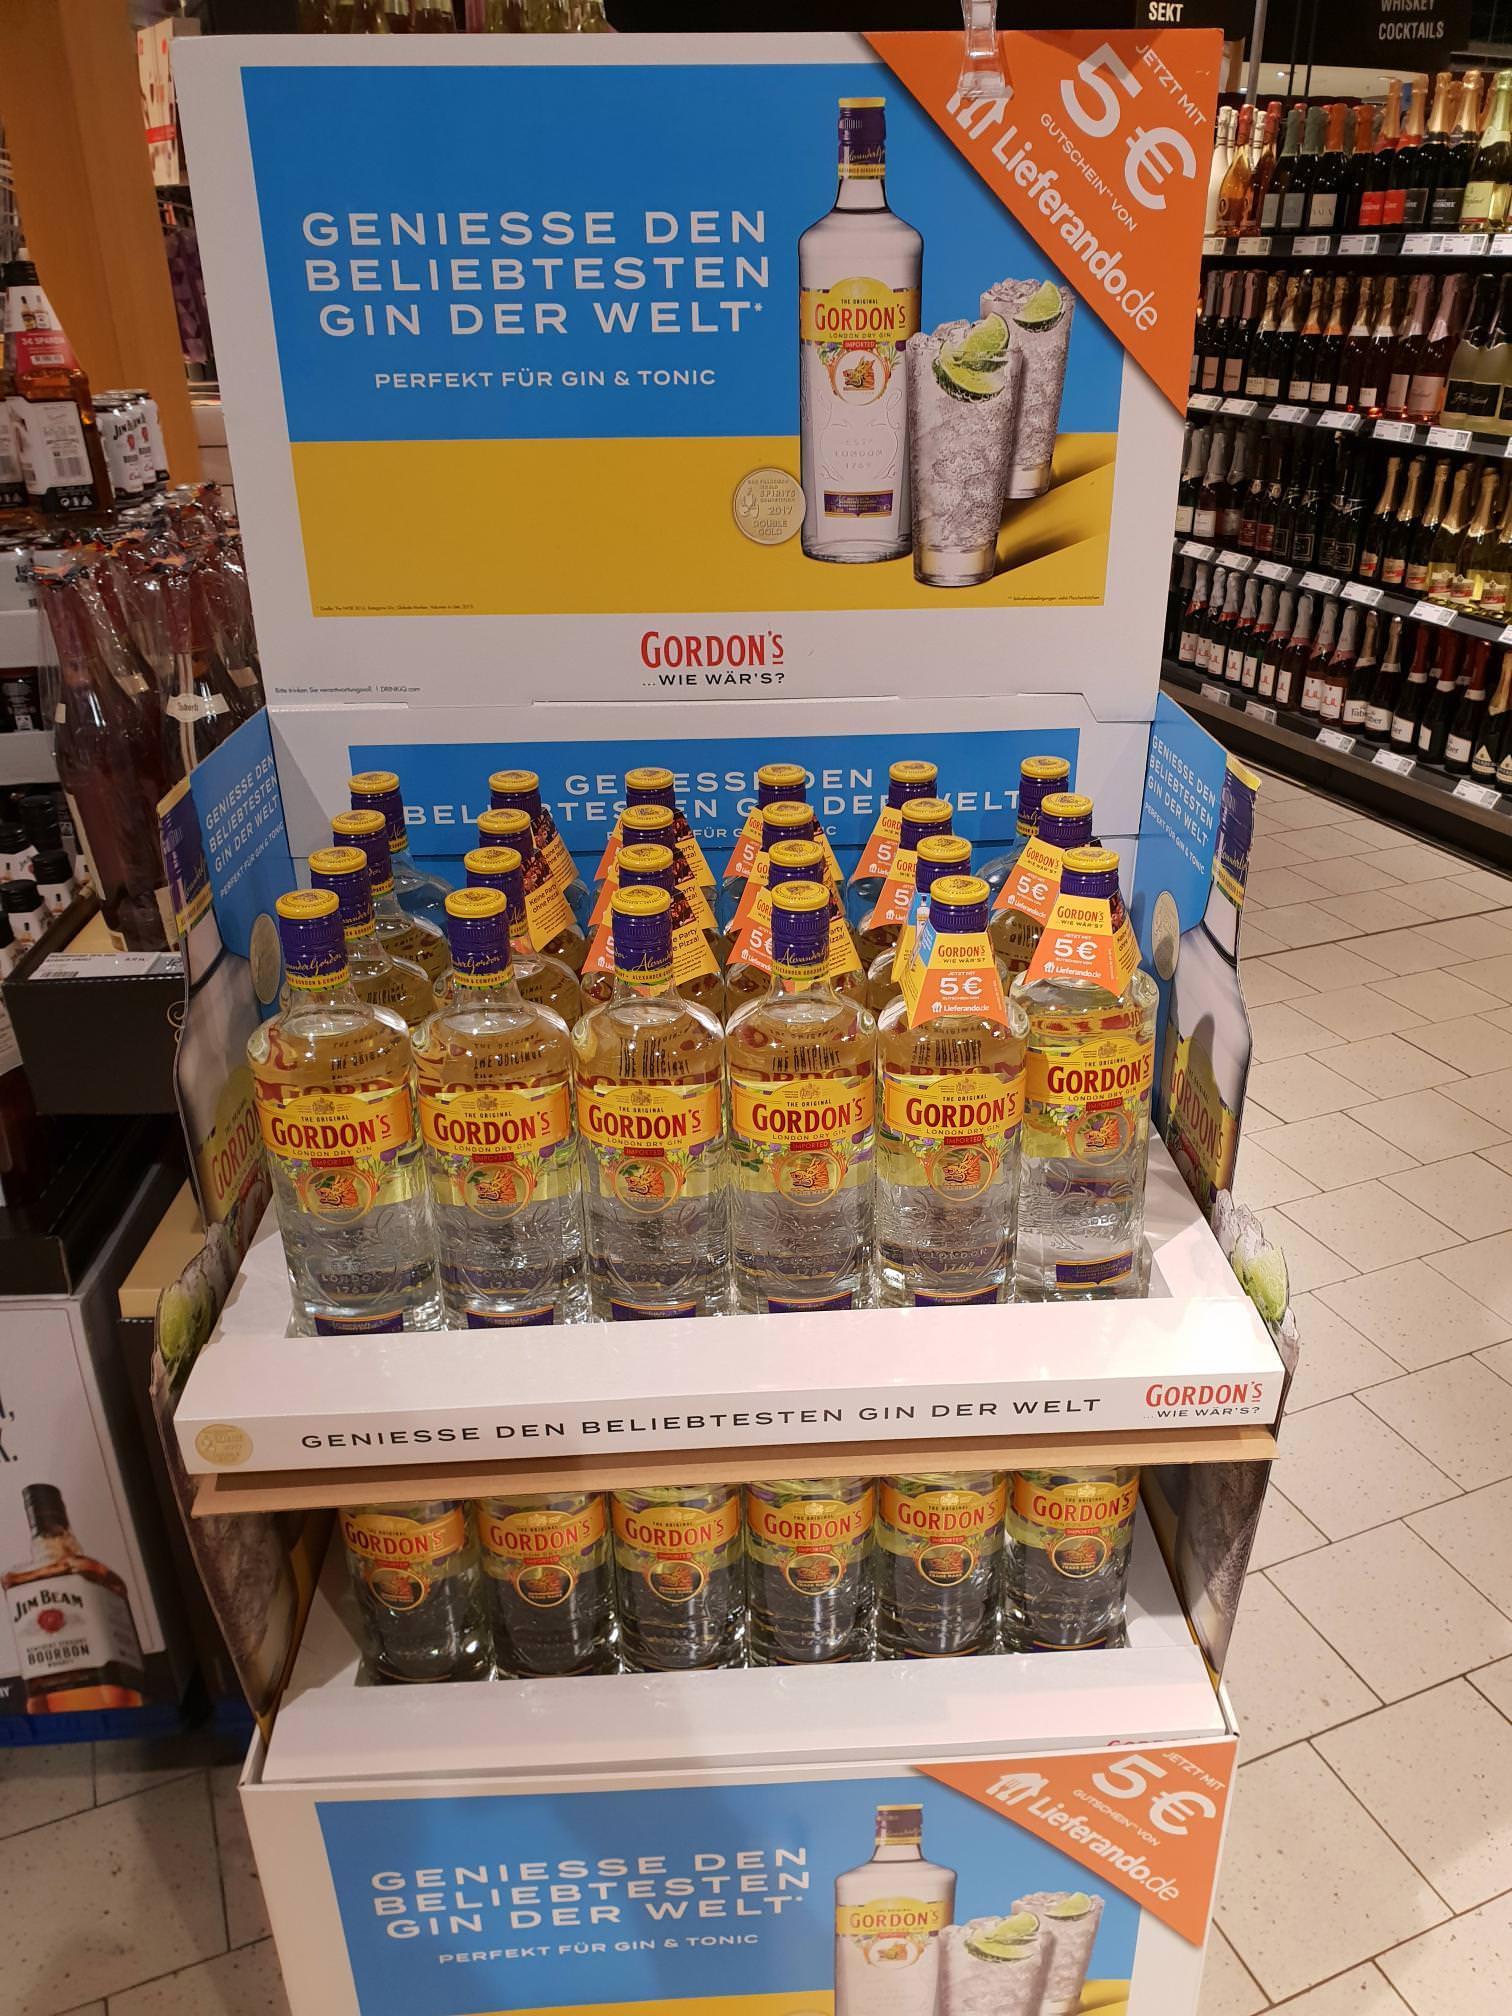 [Darmstadt] Rewe Center: Display mit Gordons Gin Flaschen inkl. 5€ Lieferando Gutscheinen ohne MBW